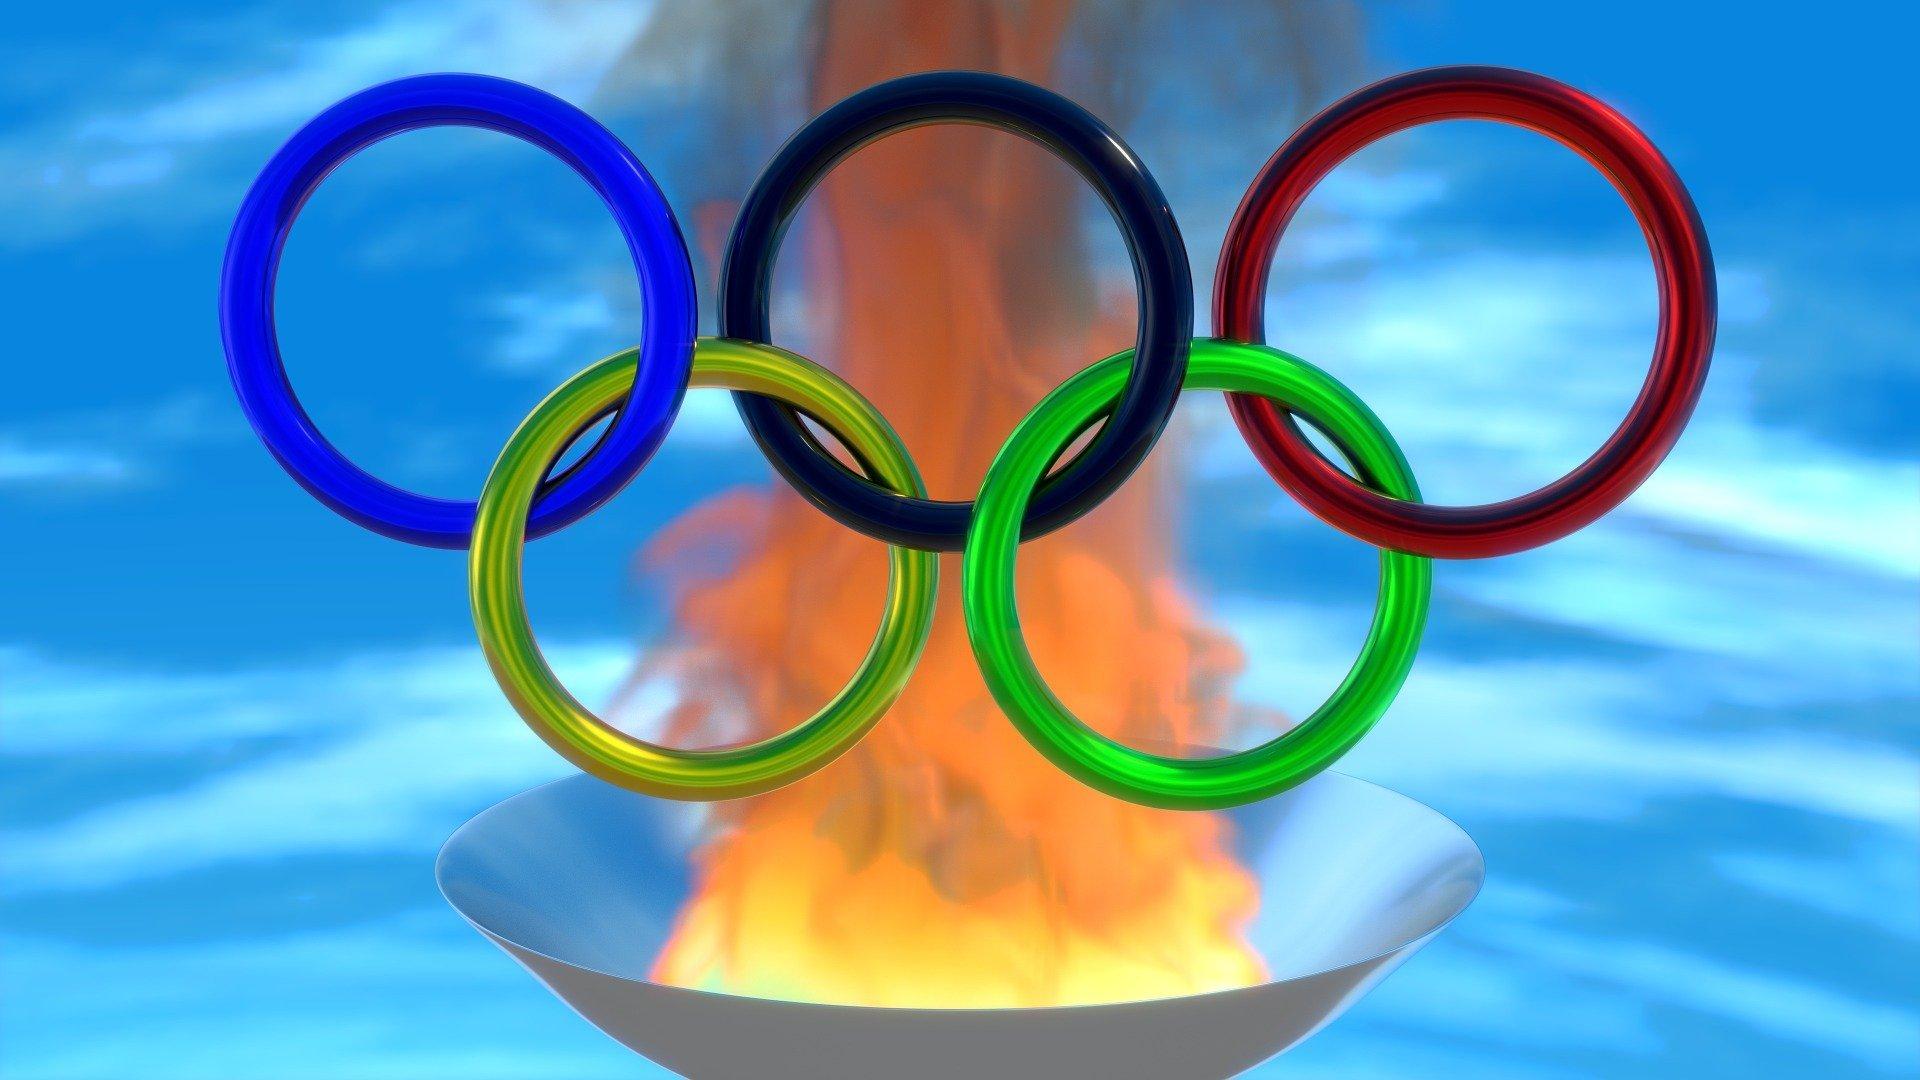 Símbolo das Olimpíadas.